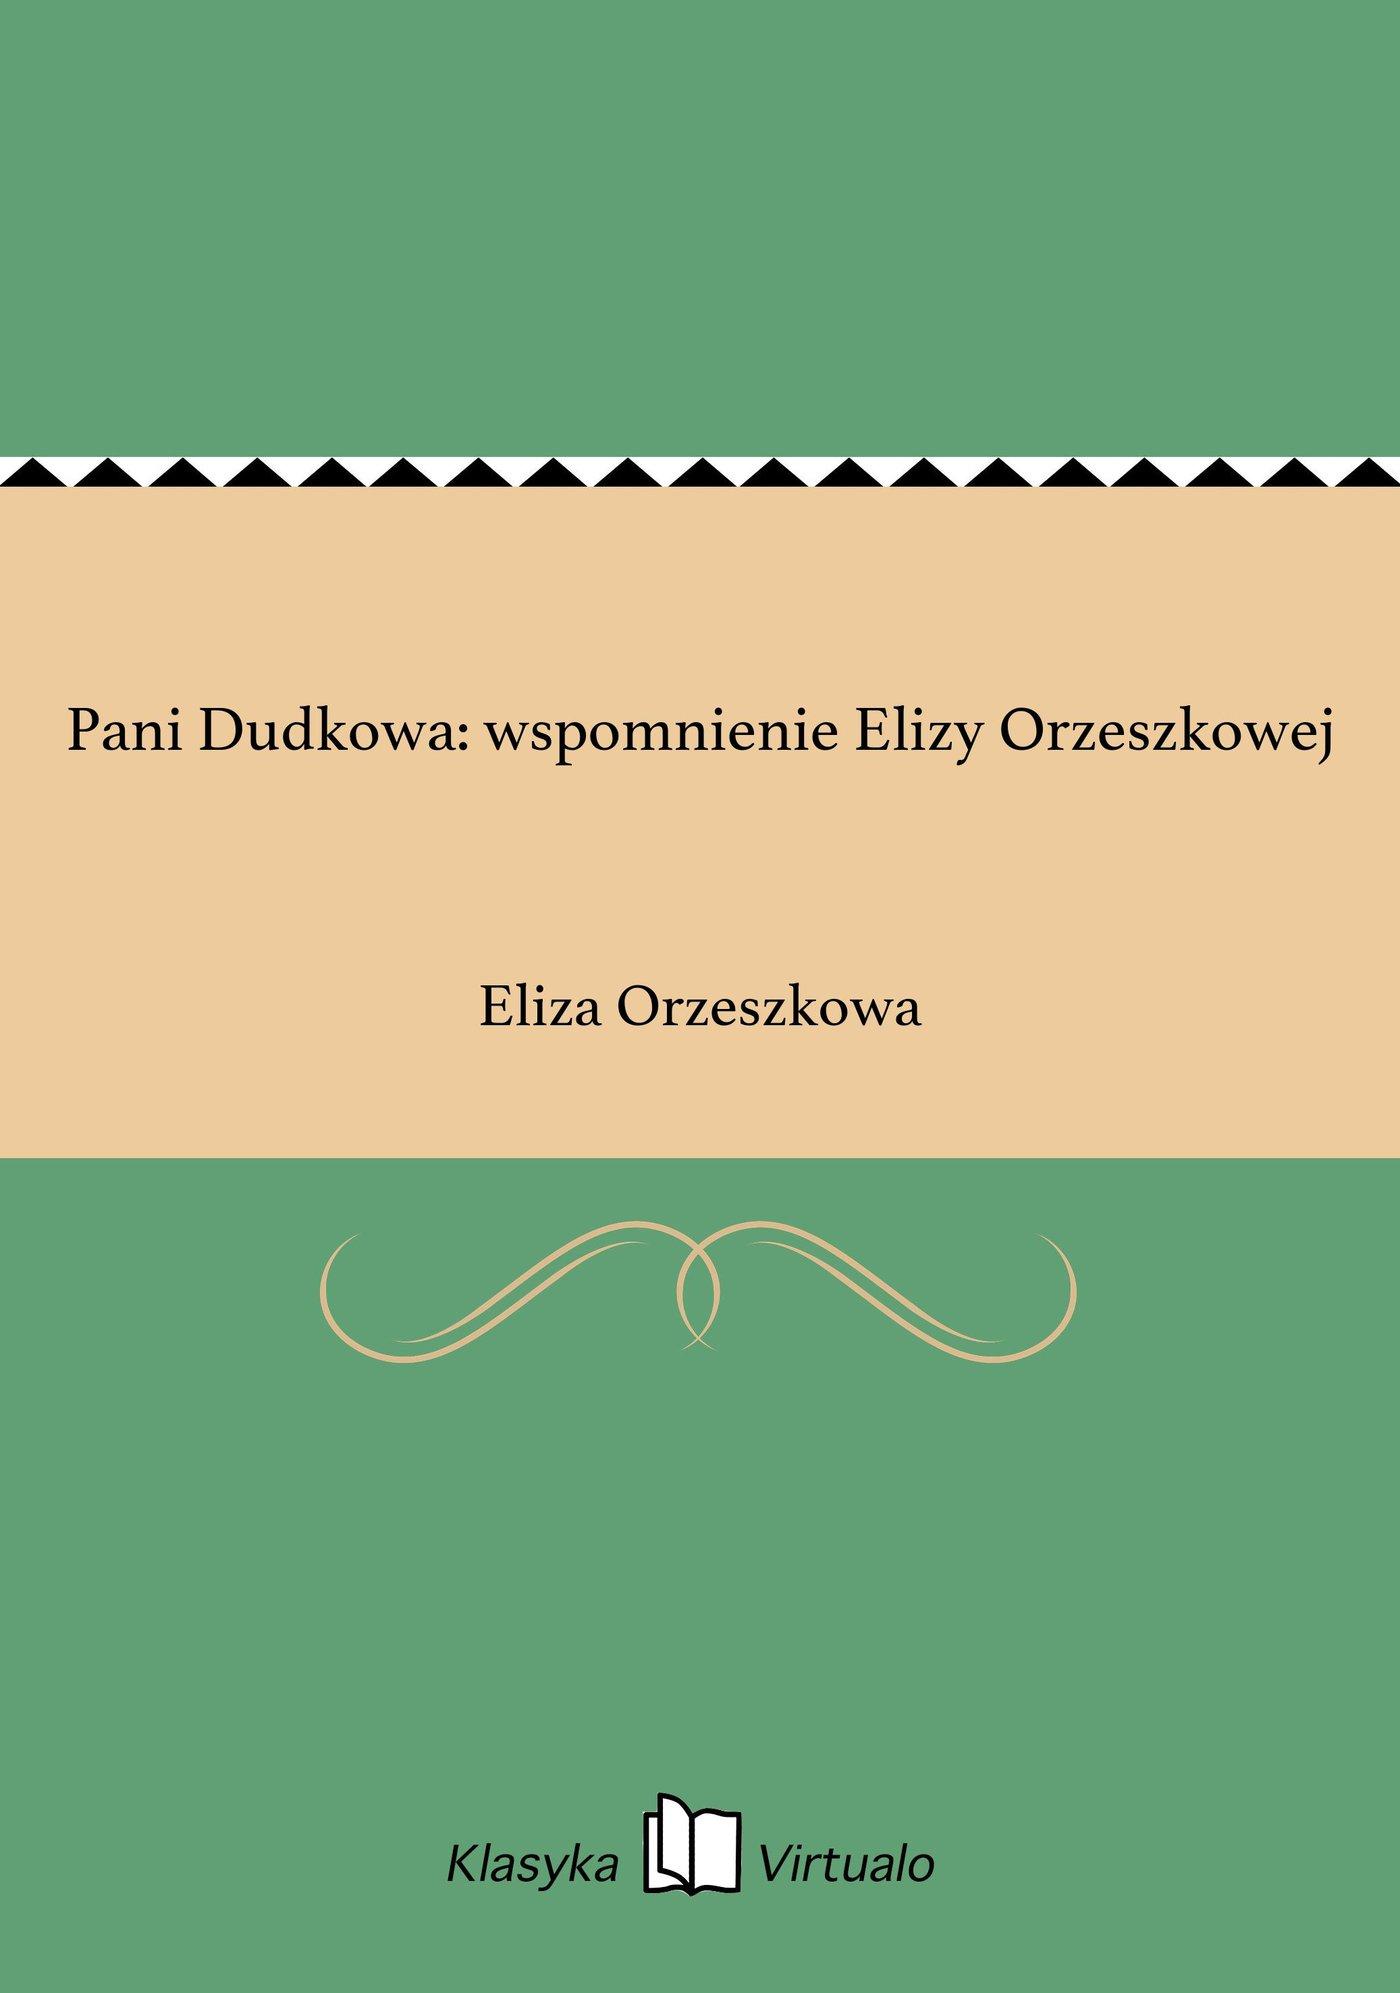 Pani Dudkowa: wspomnienie Elizy Orzeszkowej - Ebook (Książka EPUB) do pobrania w formacie EPUB